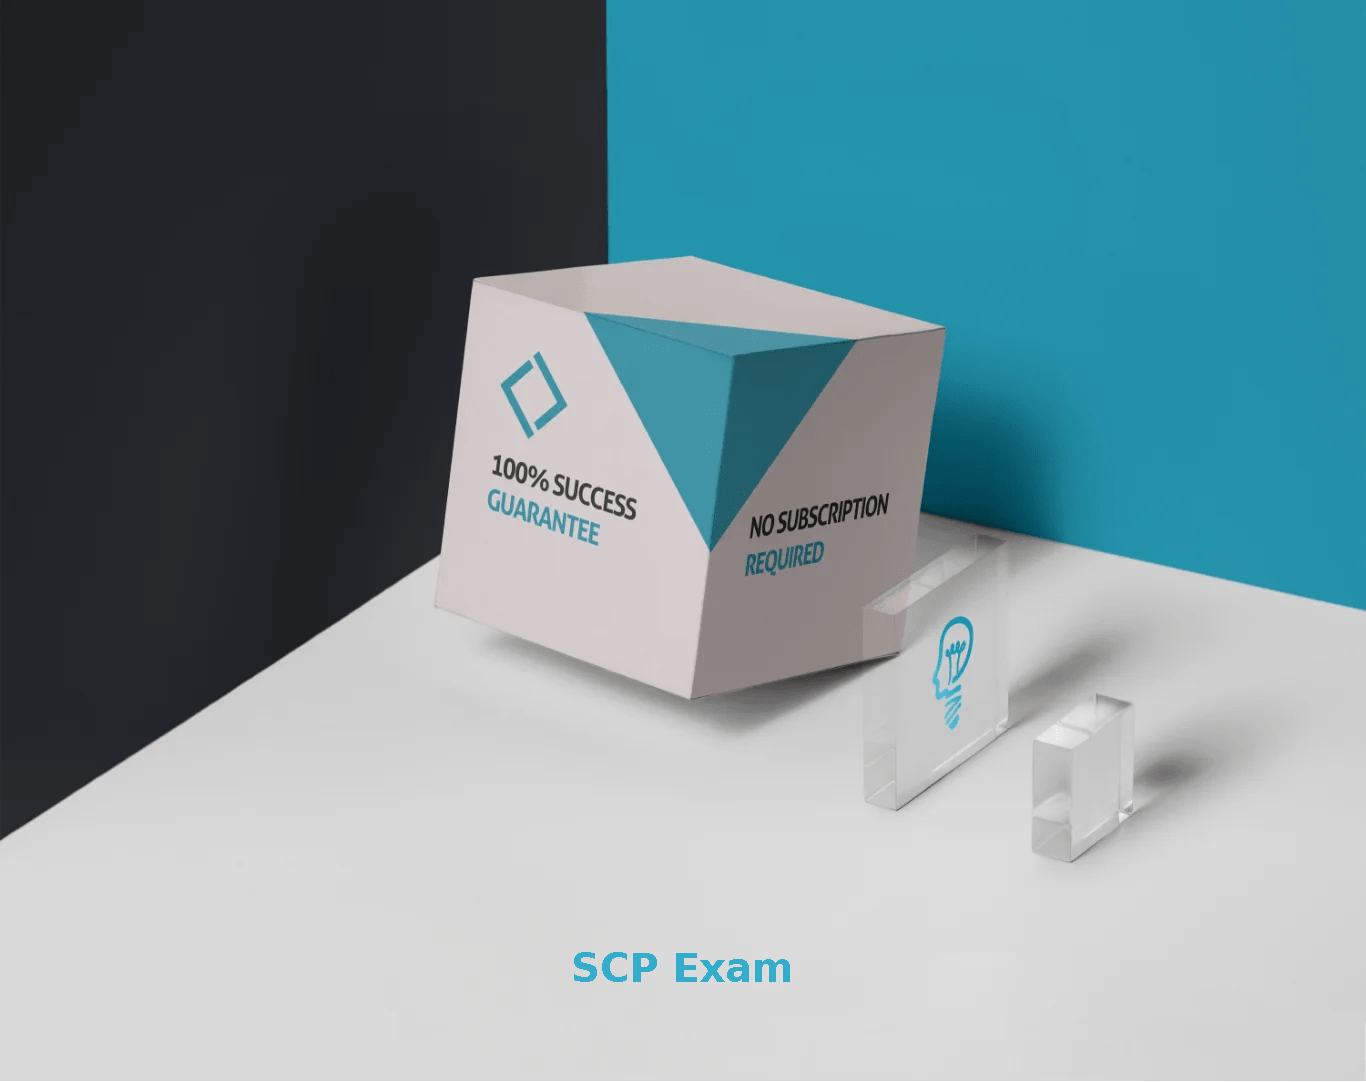 SCP Exam Dumps